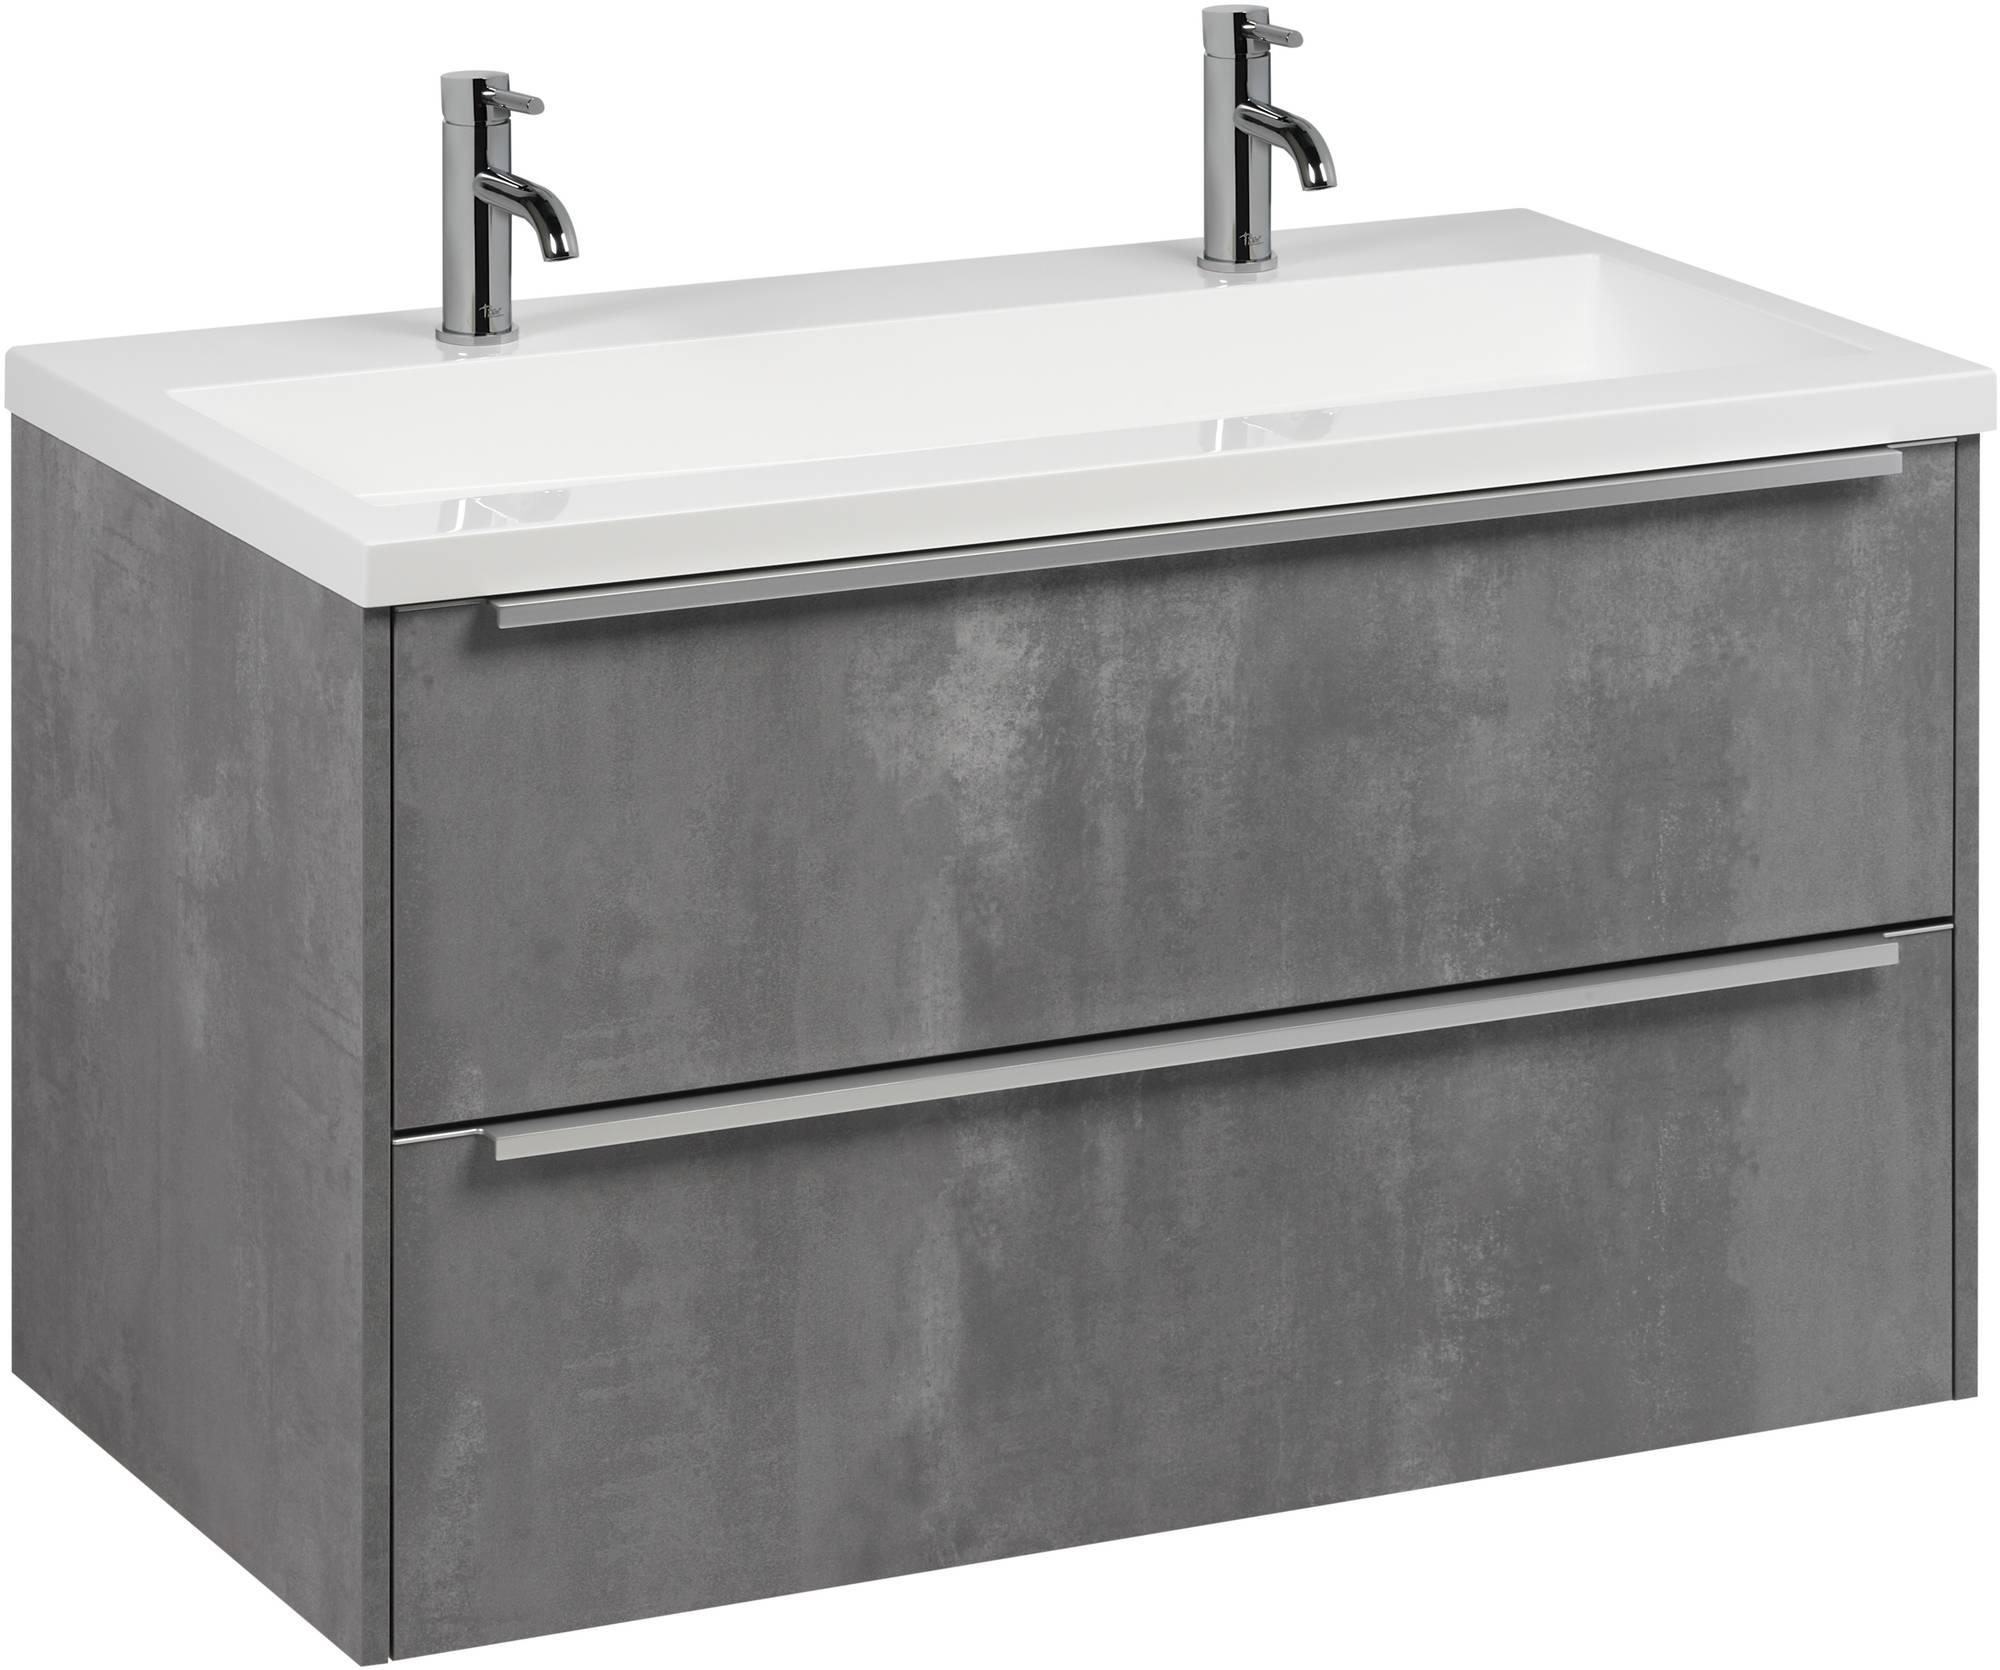 Saniselect Socan meubelset met mineraalmarmere wastafel 100cm Beton Grijs/Chroom